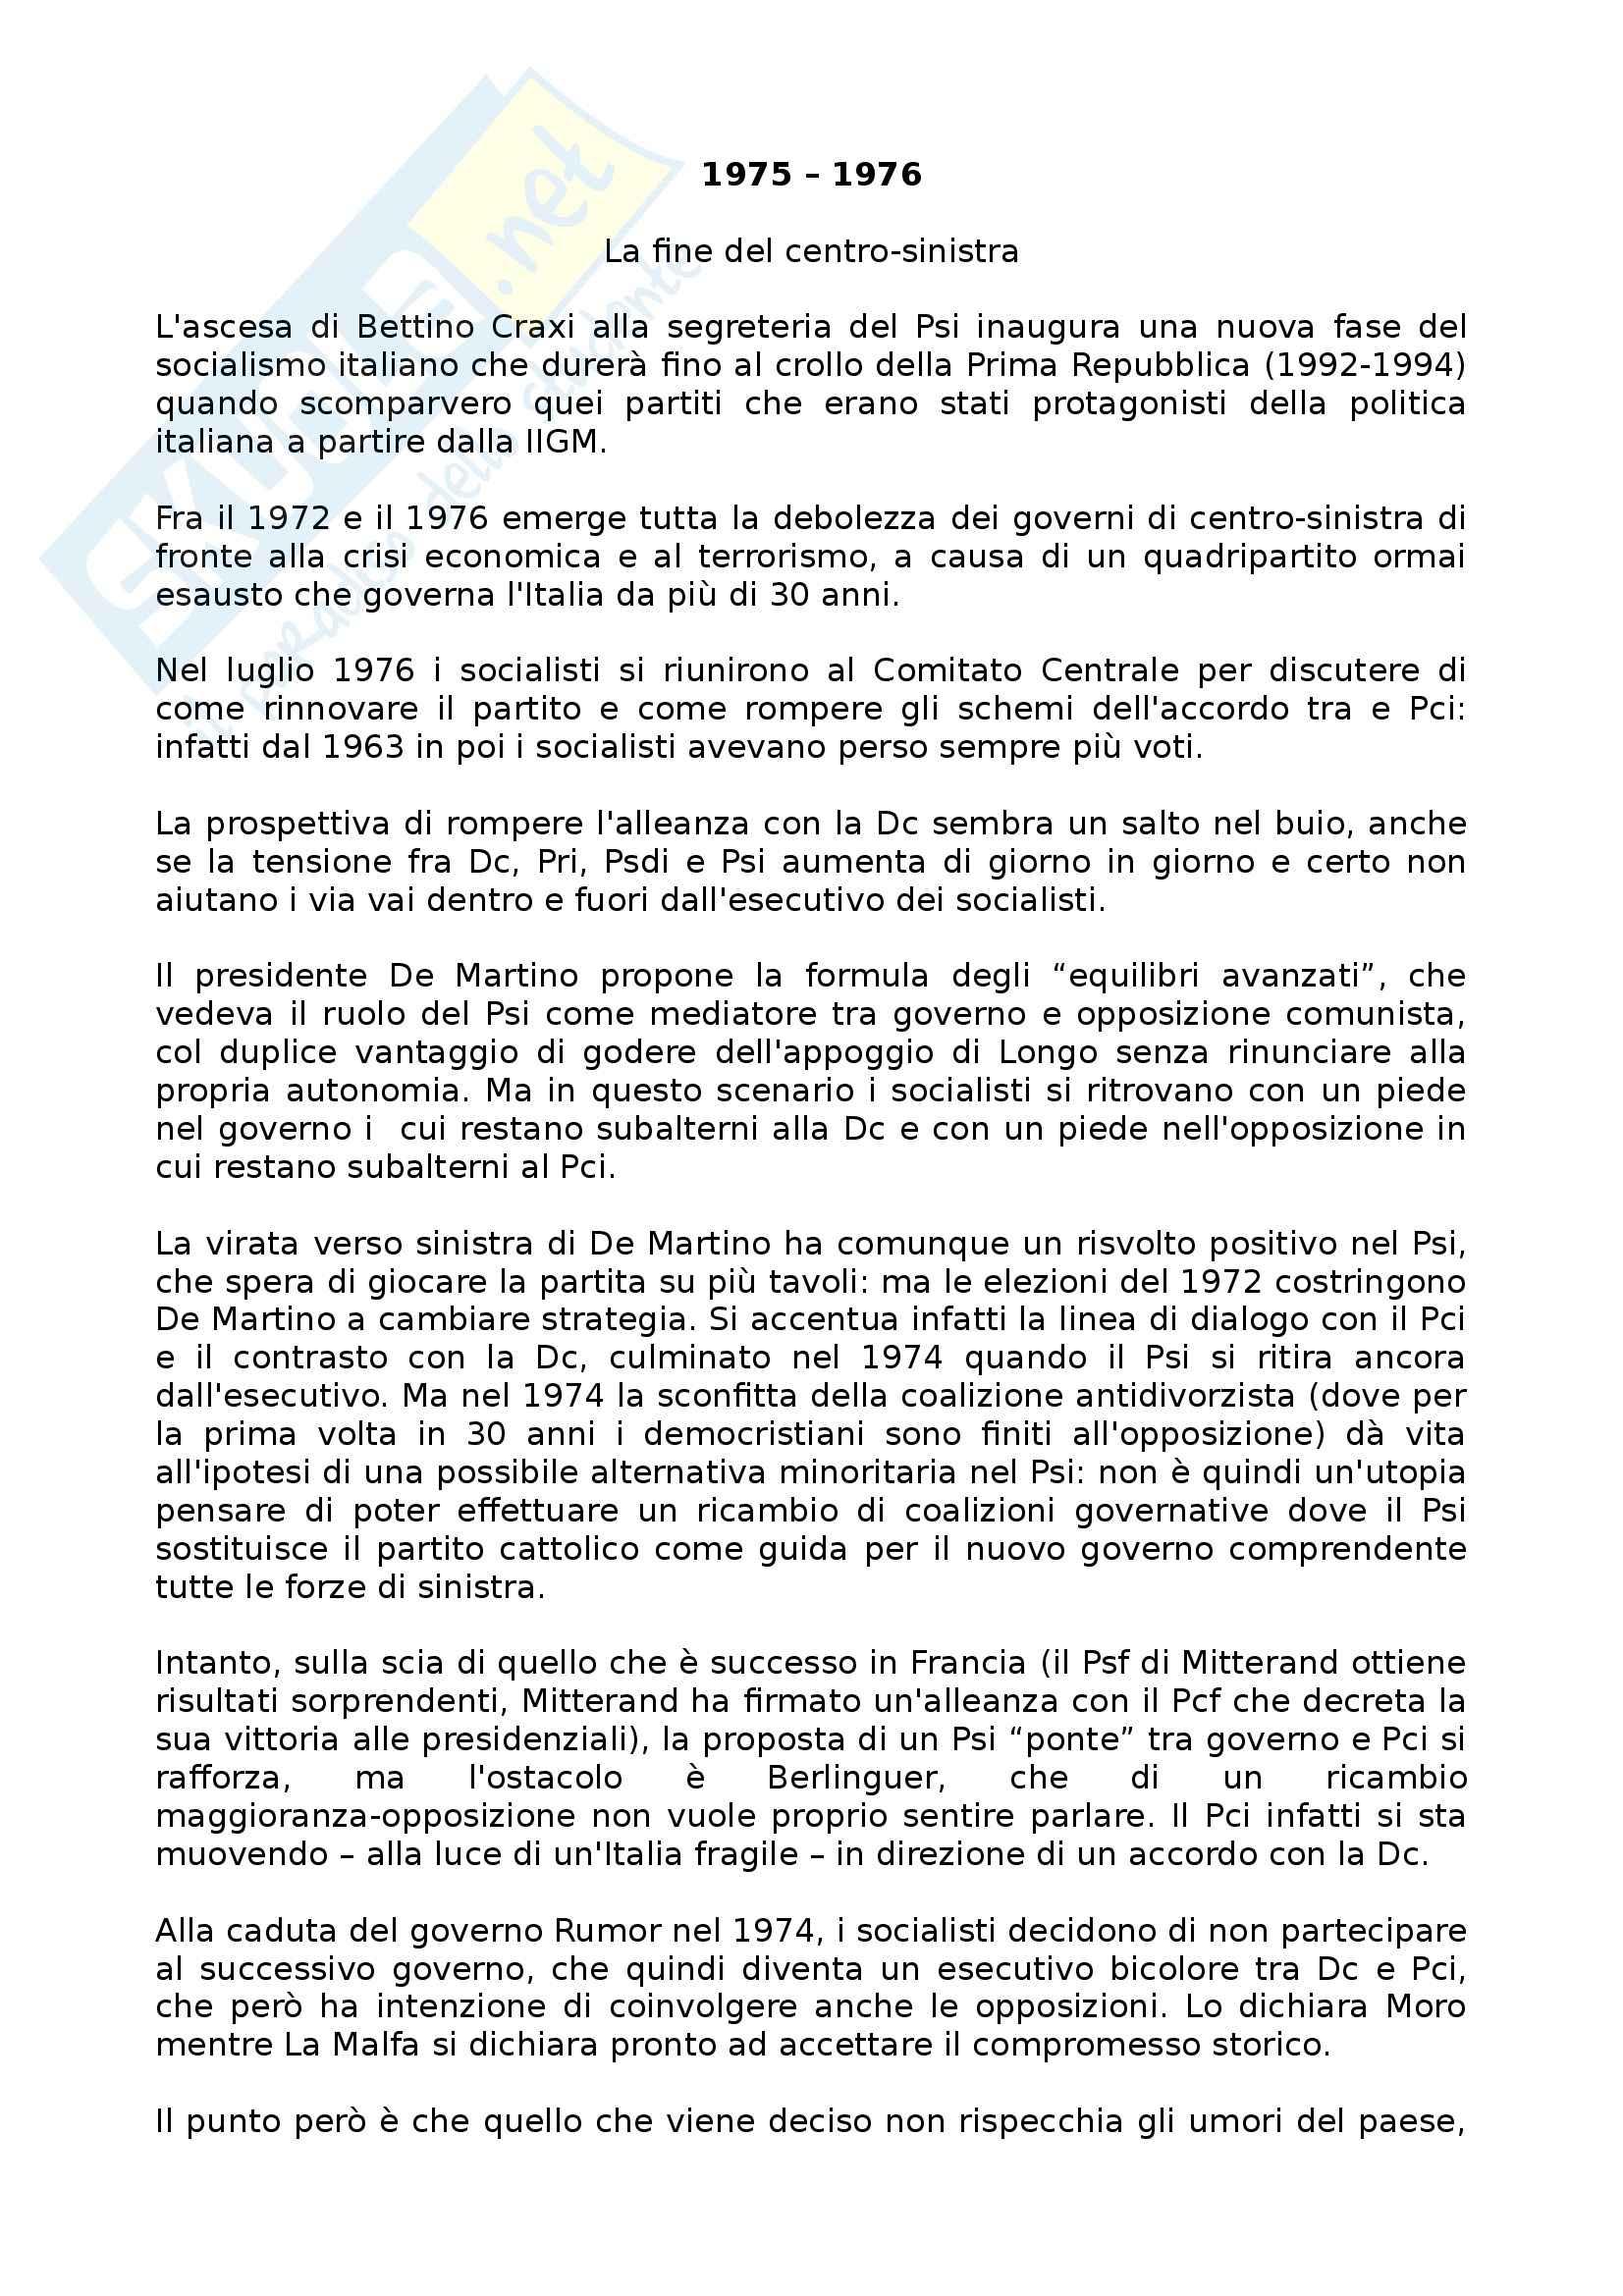 Riassunto esame Storia Contemporanea, prof. Punzo, libro consigliato La Cruna dell'Ago Craxi il Partito Socialista e la Crisi della Repubblica, Colarizi